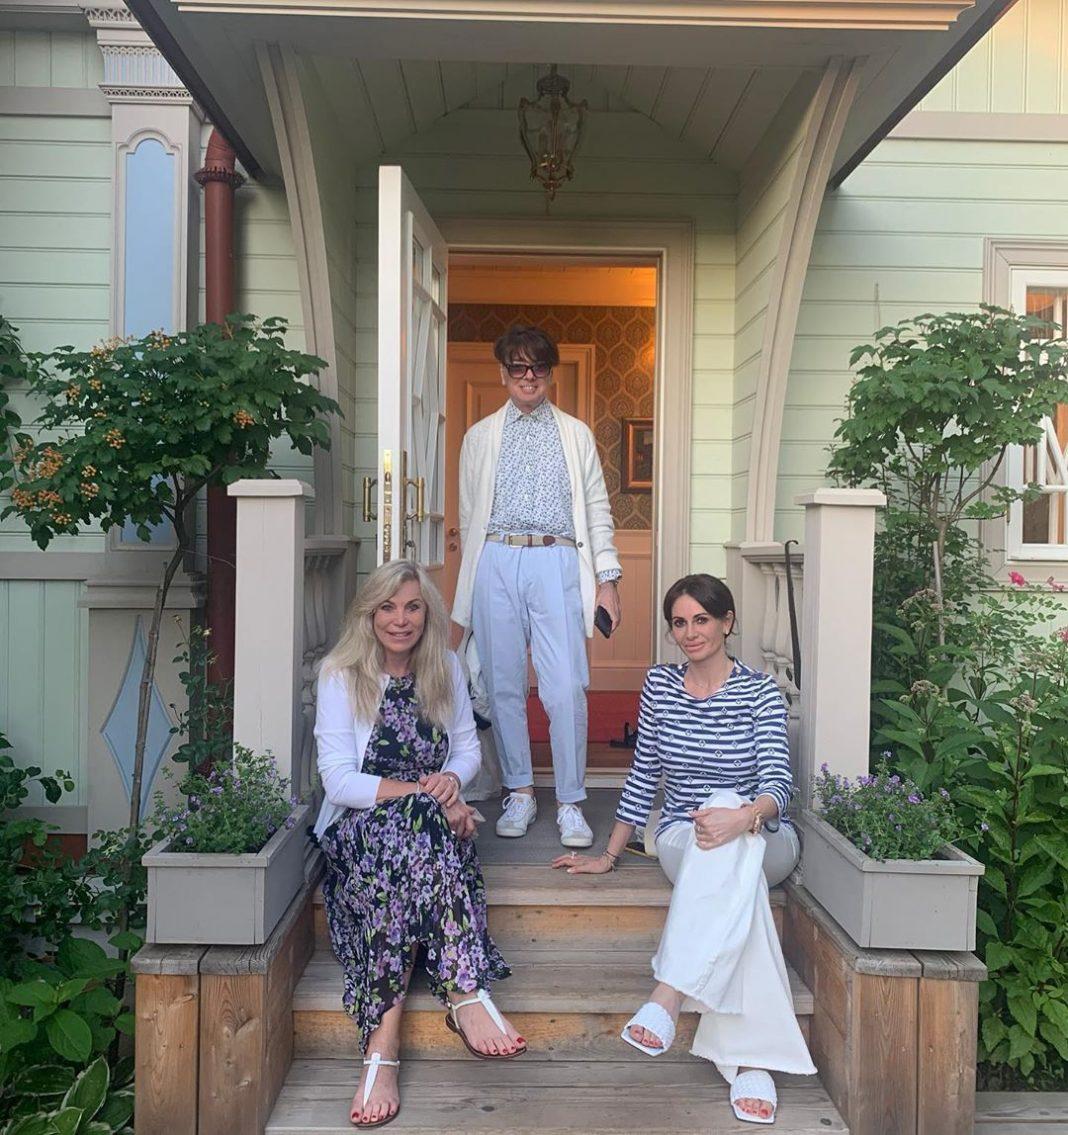 Валентин Юдашкин с женой и дочкой на пороге своего дома. Фото odnaminyta.com